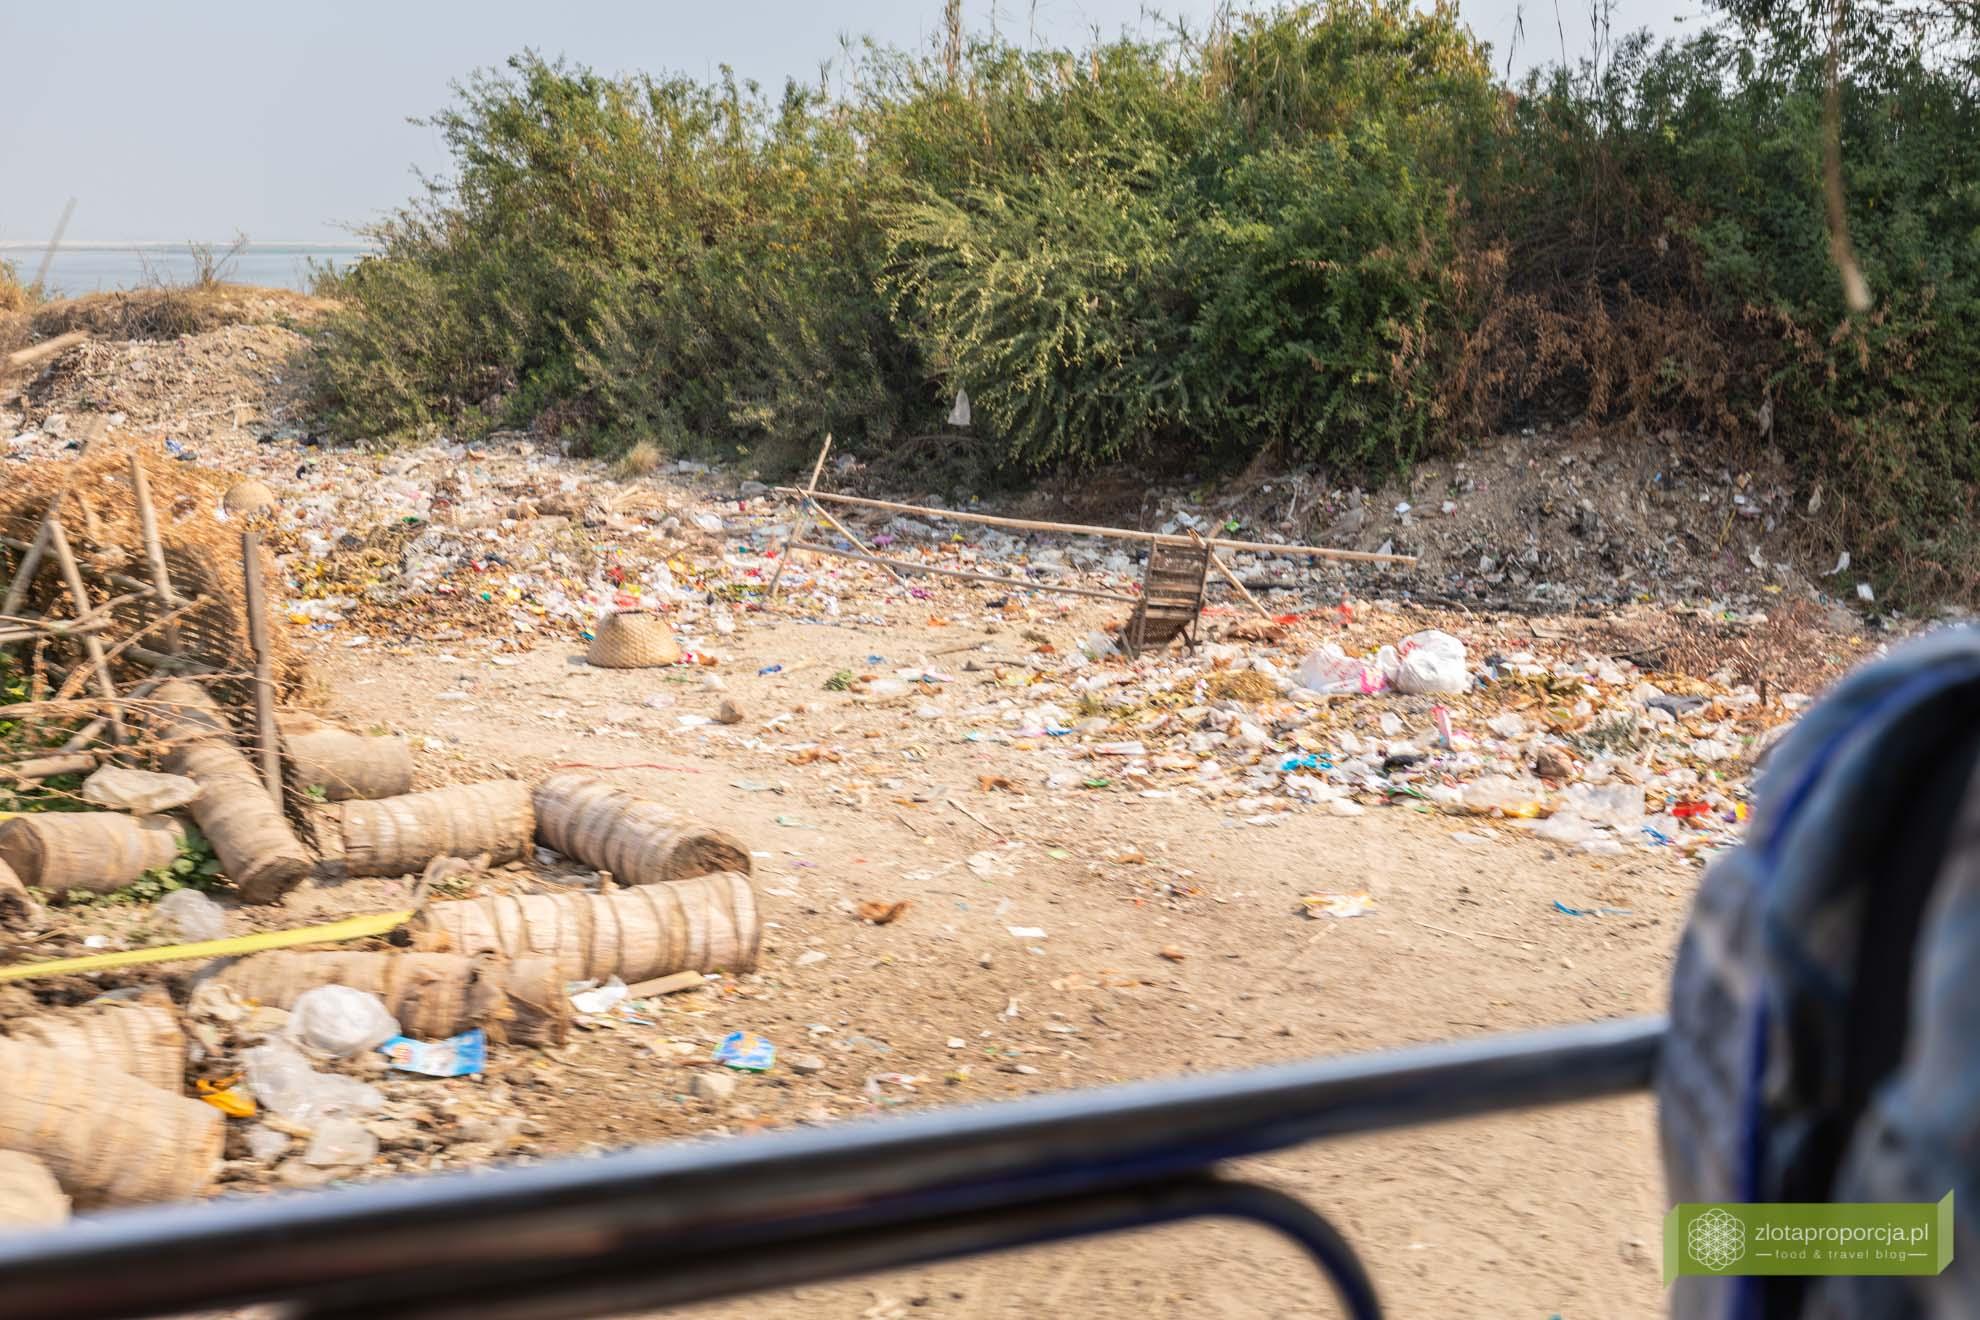 Birma; Mjanma; Myanmar; atrakcje Birmy; Birma podróże; Birma śmieci; śmieci w Birmie;